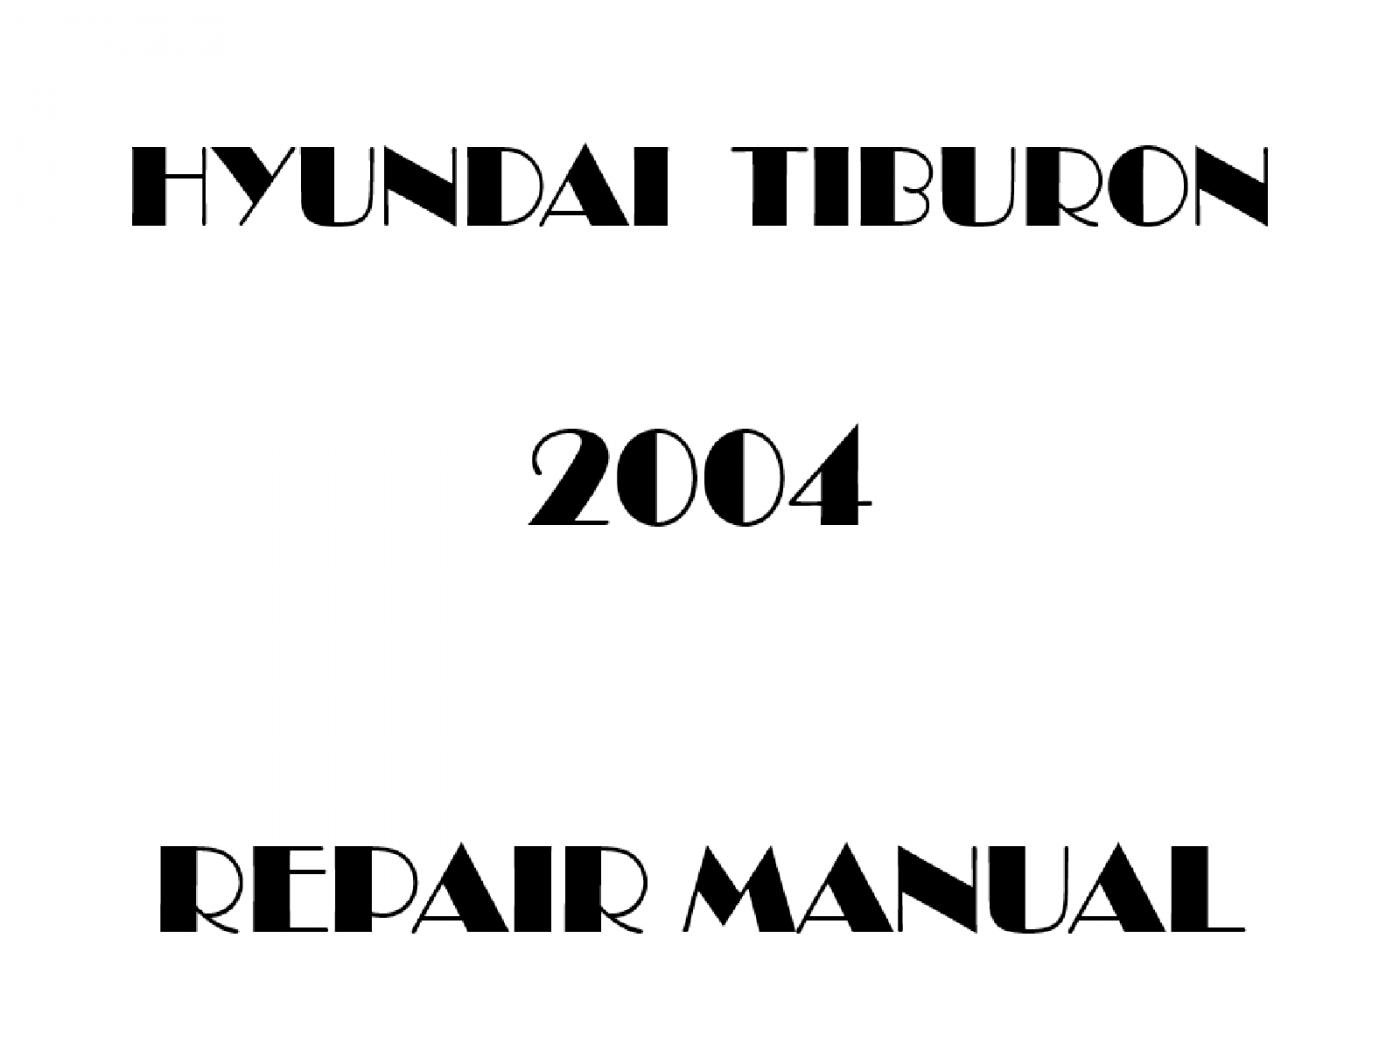 2004 Hyundai Tiburon repair manual